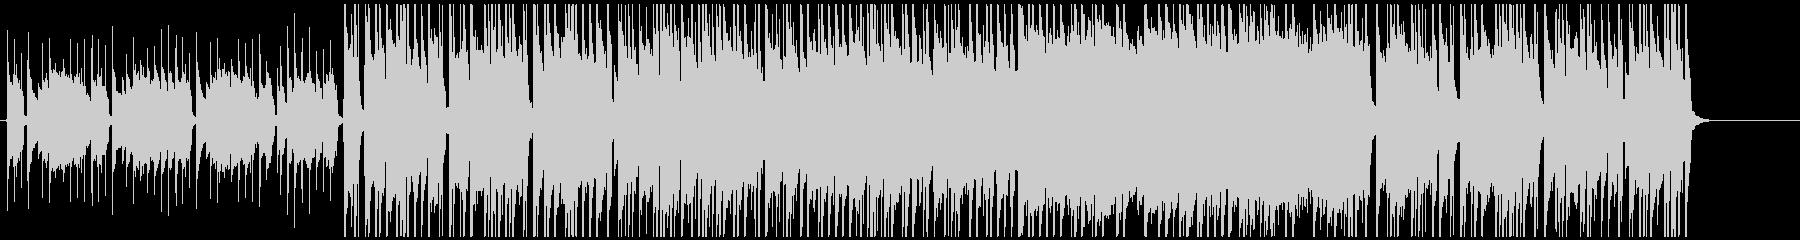 3拍子の落ち着いたポストロックの未再生の波形